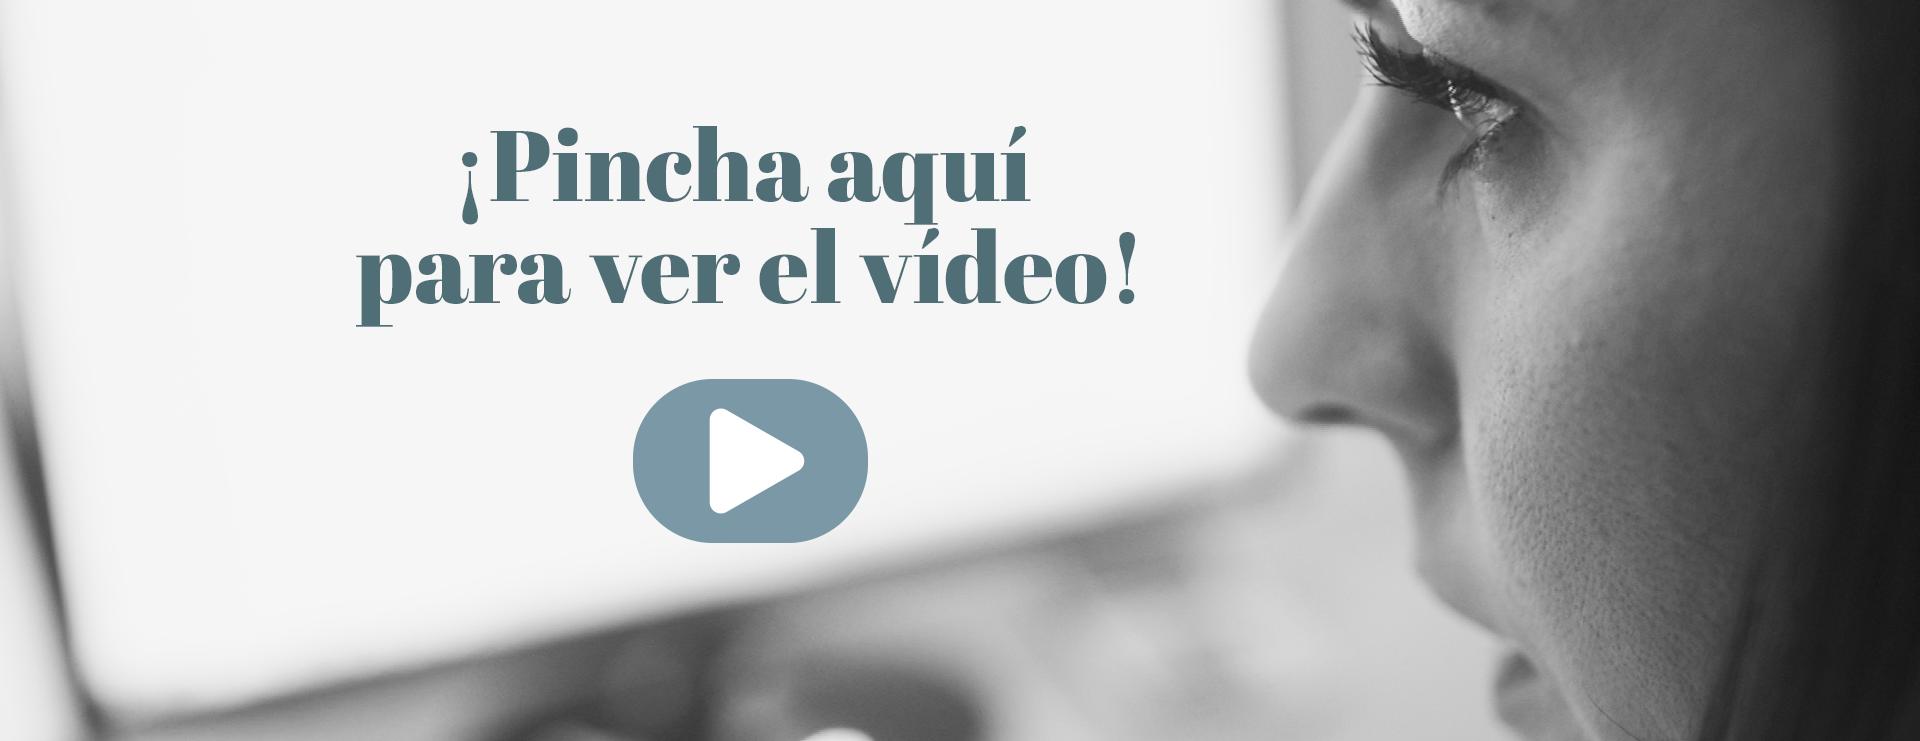 imagen-video